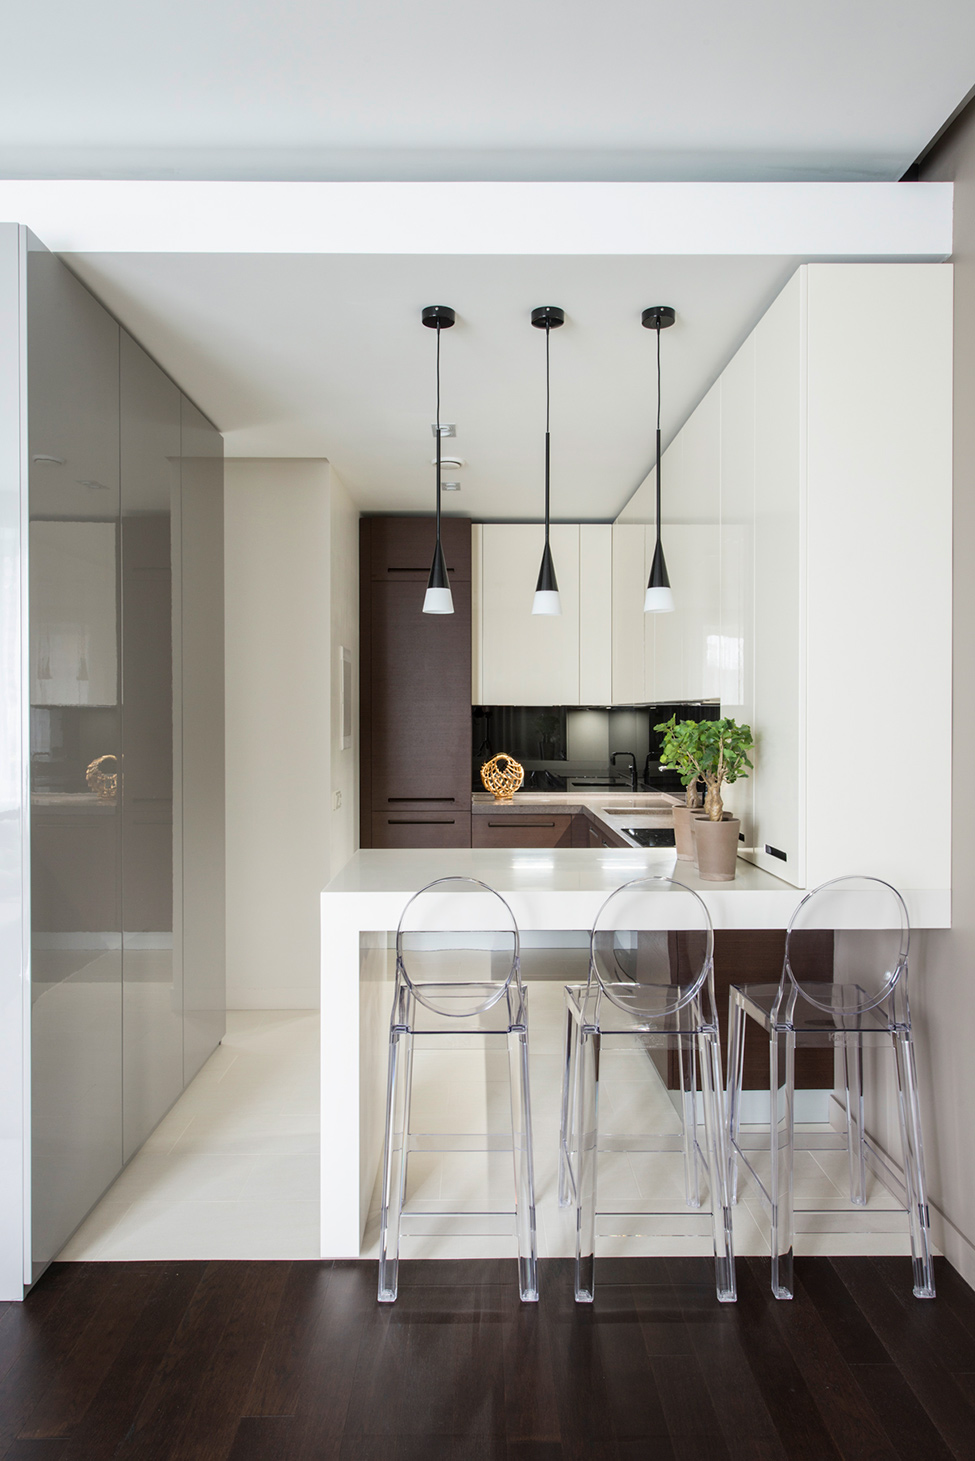 Home interior design kurs rocco carofiglio roccocarofiglio on pinterest